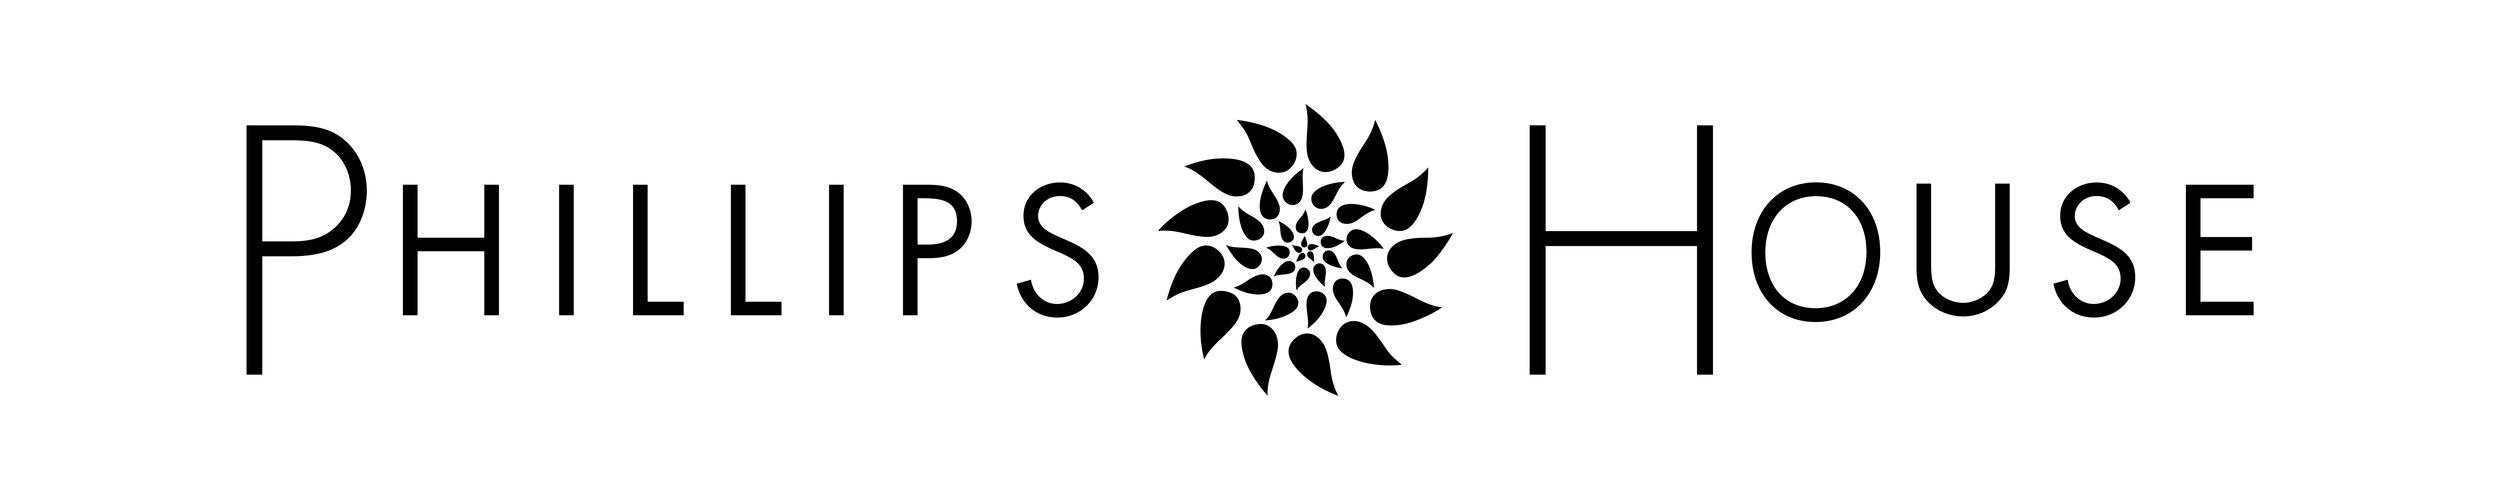 PhillipsHouse_logo.jpg